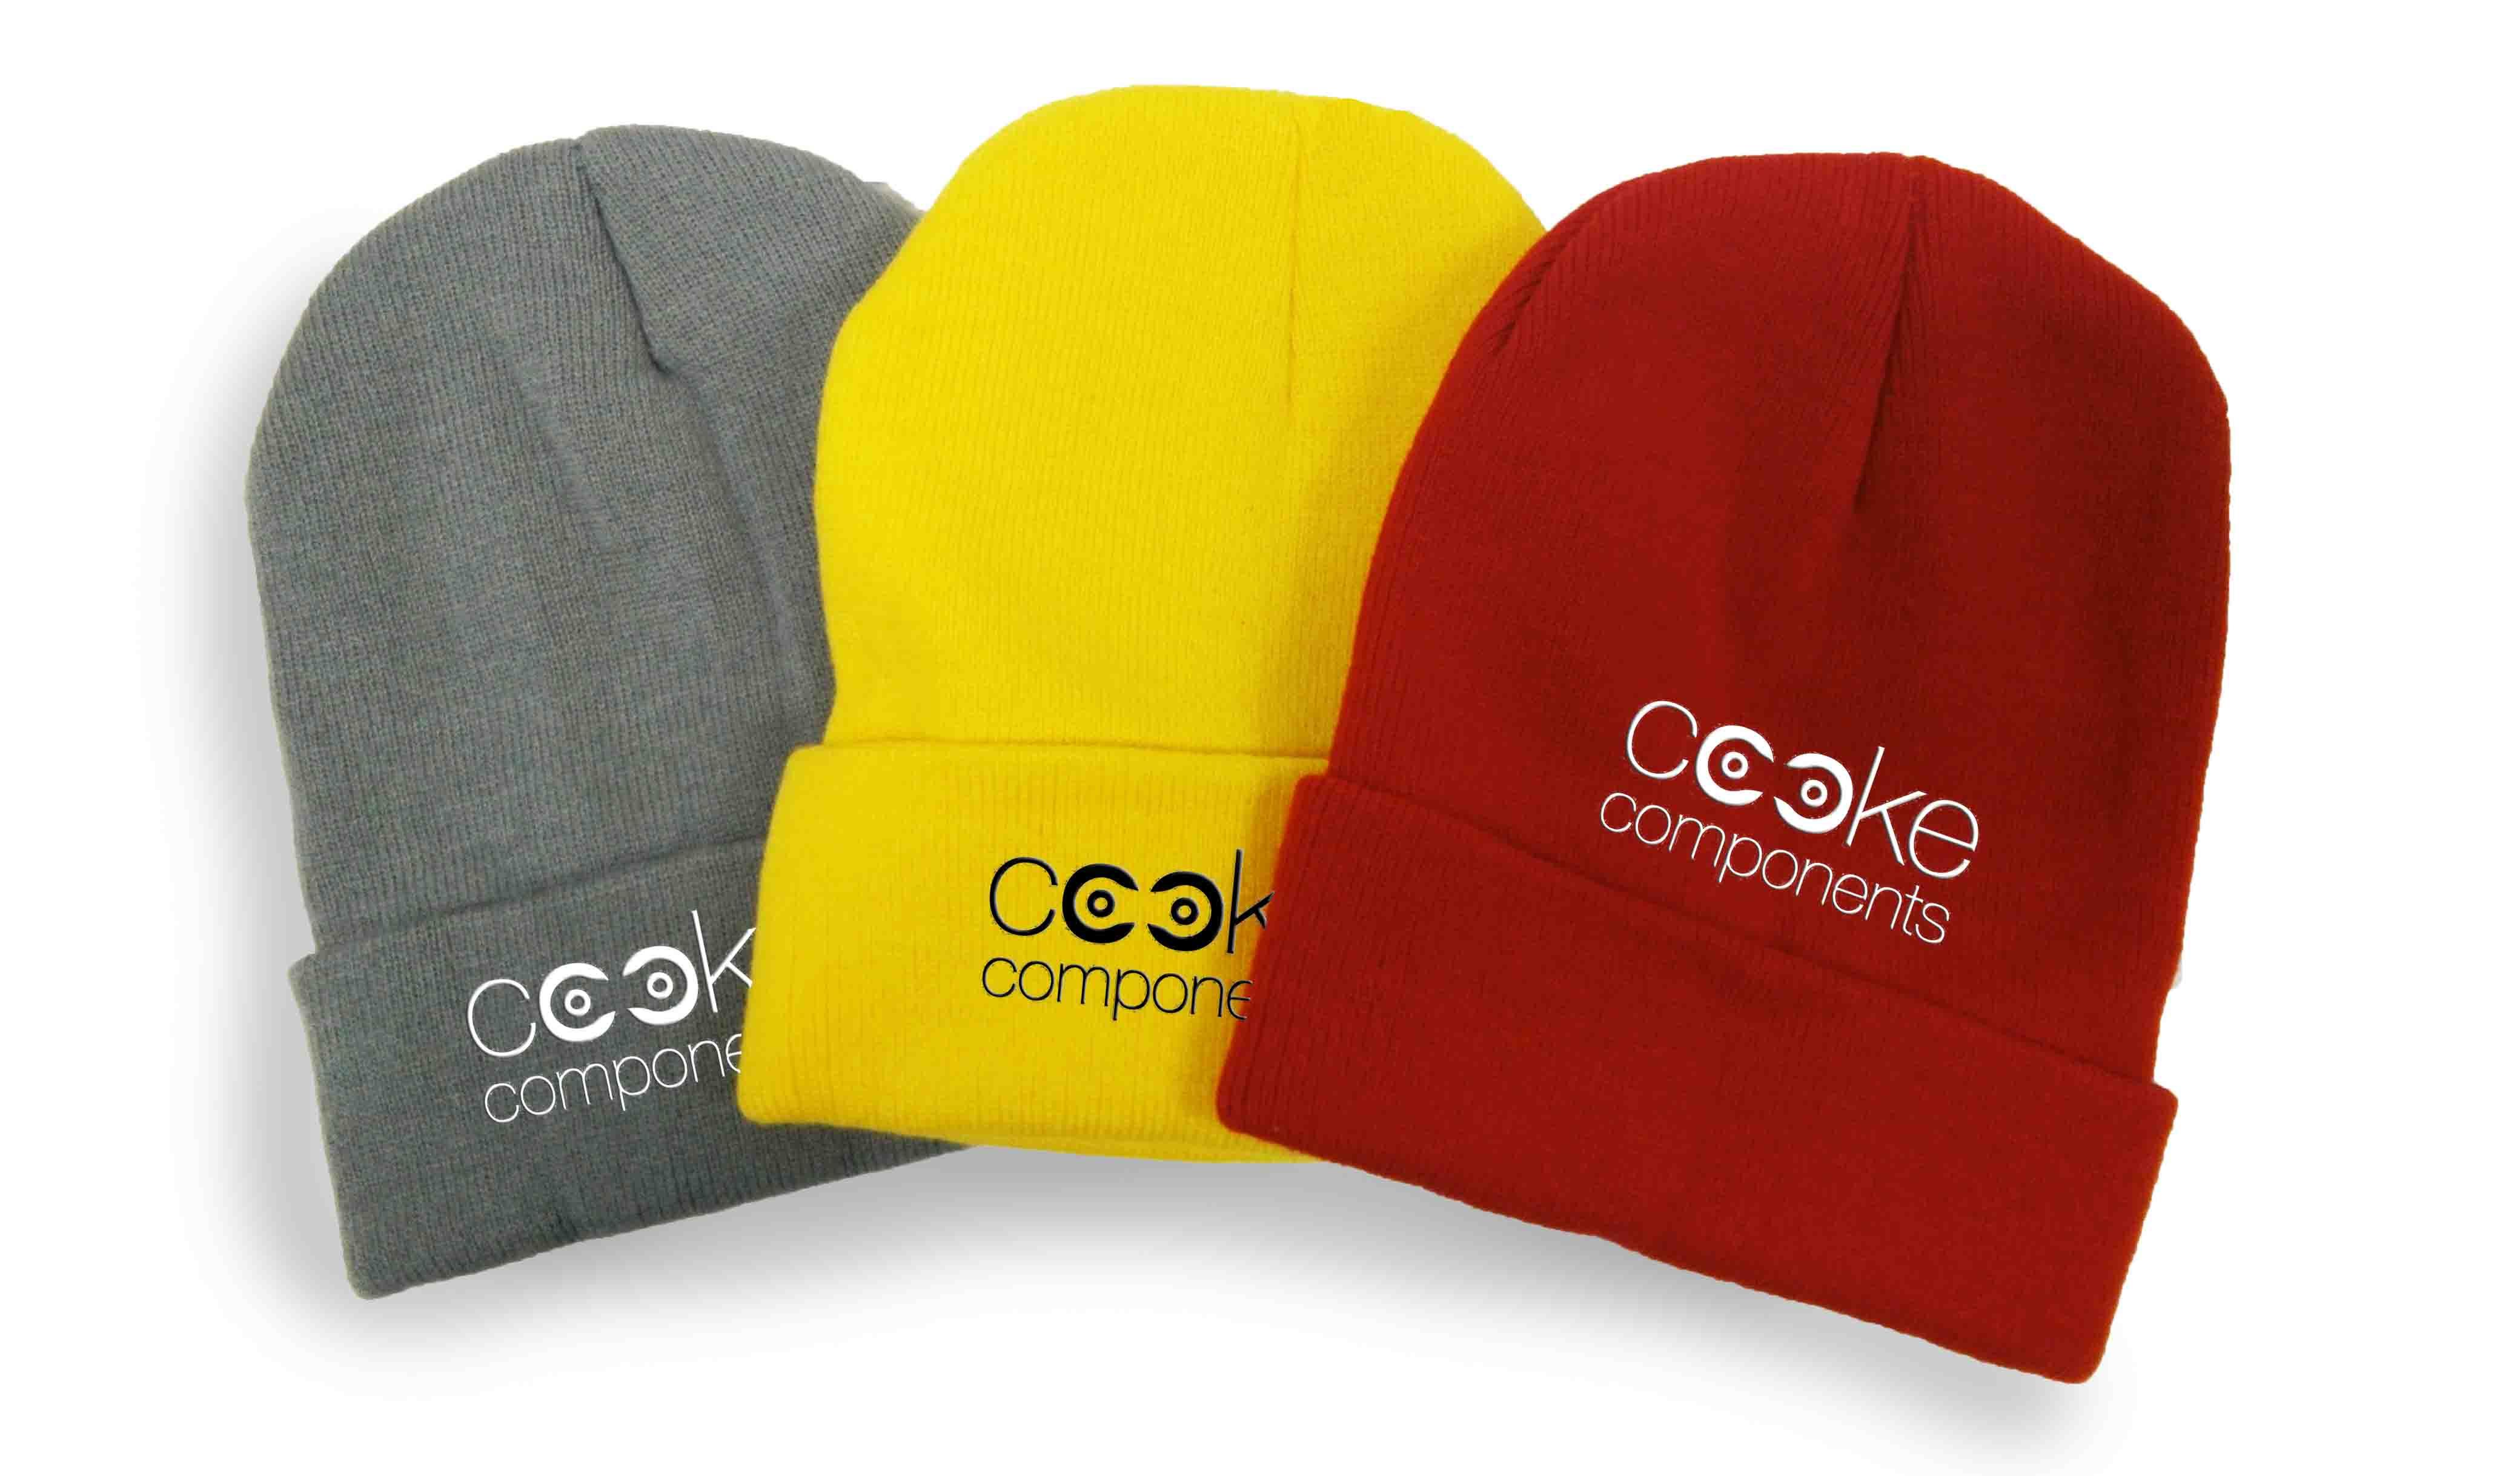 כובעי גרב לגברים |  כובעי צמר לחורף